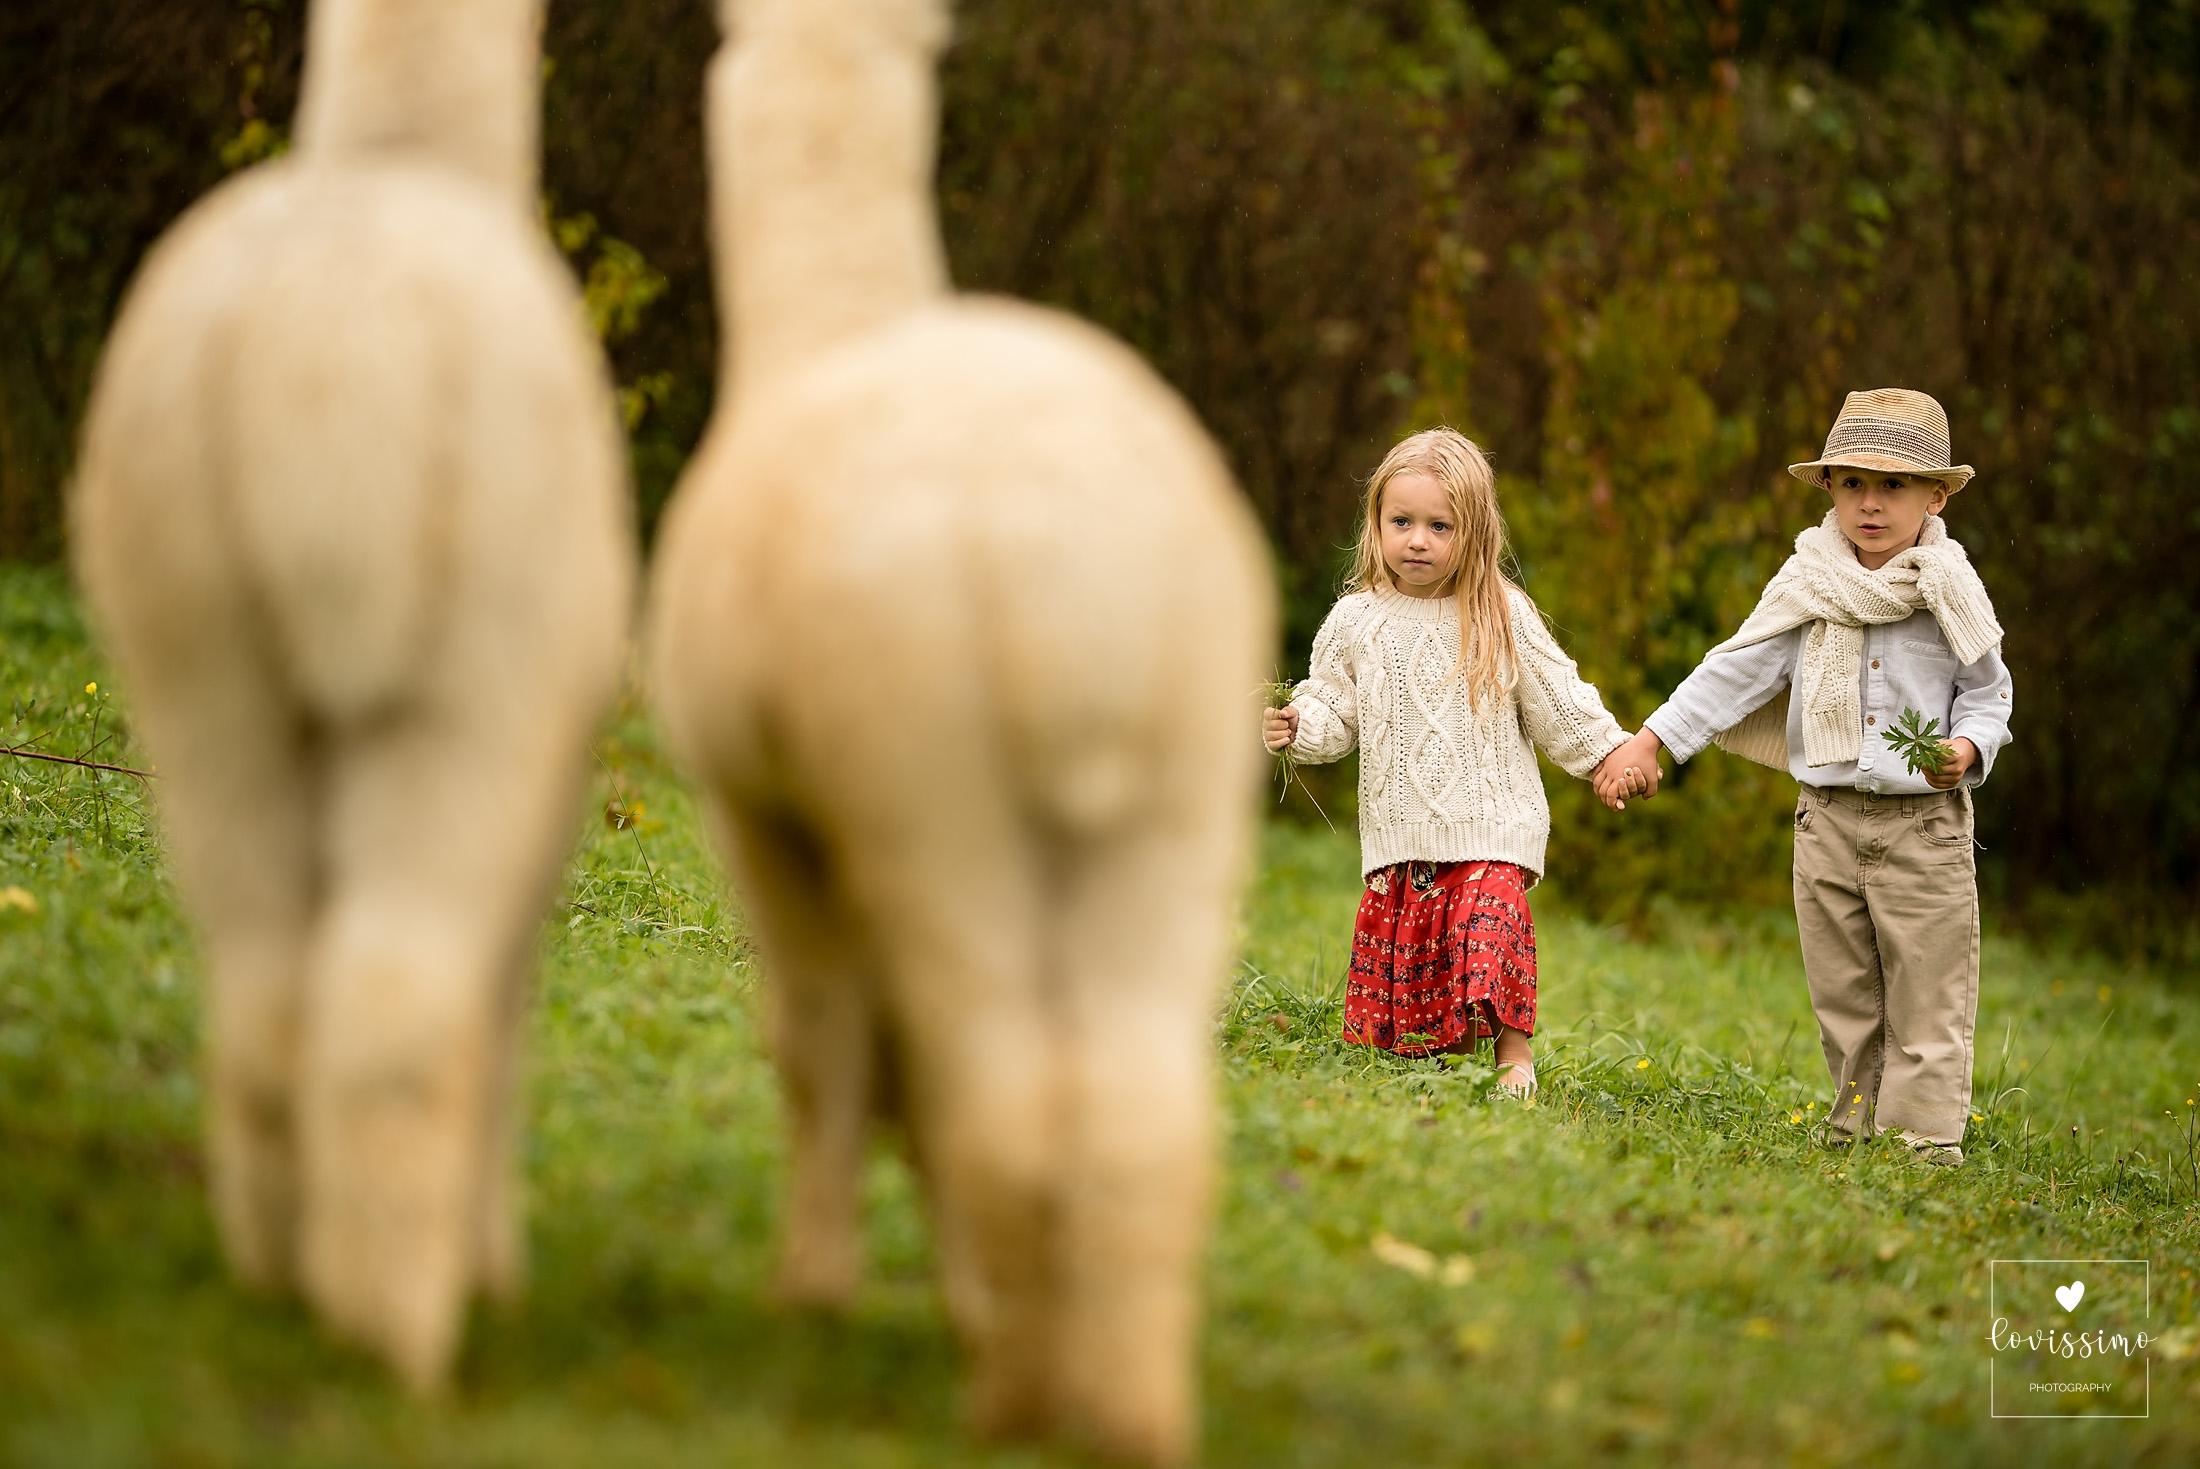 Sesja Dziecięca Z Alpakami W Okolicach Rzeszowa